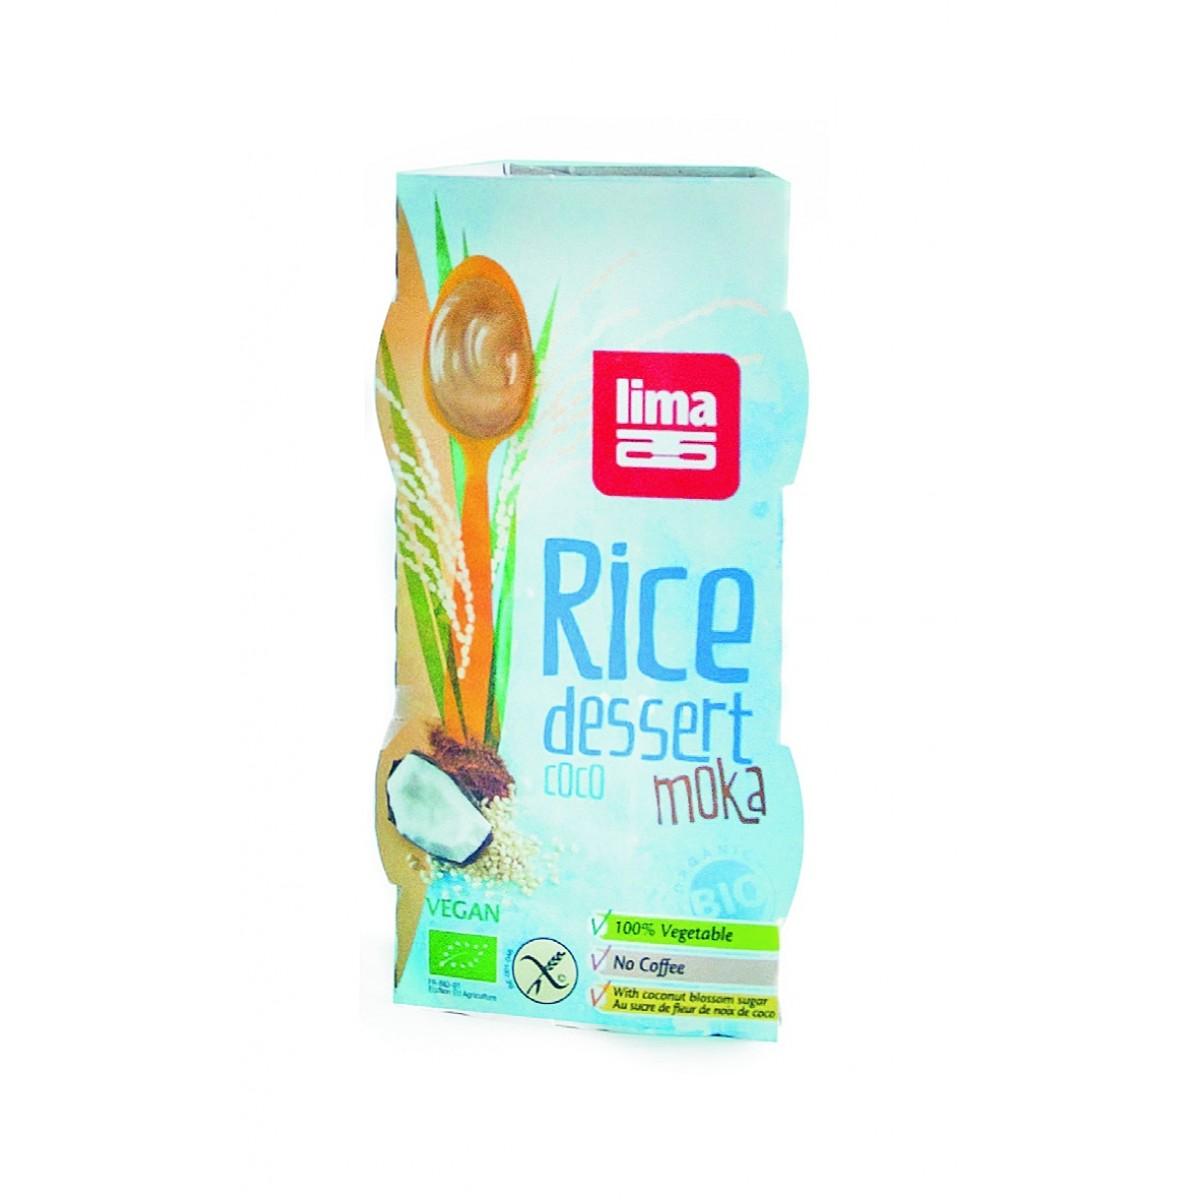 Rijstdessert Kokos Met Mokkasmaak